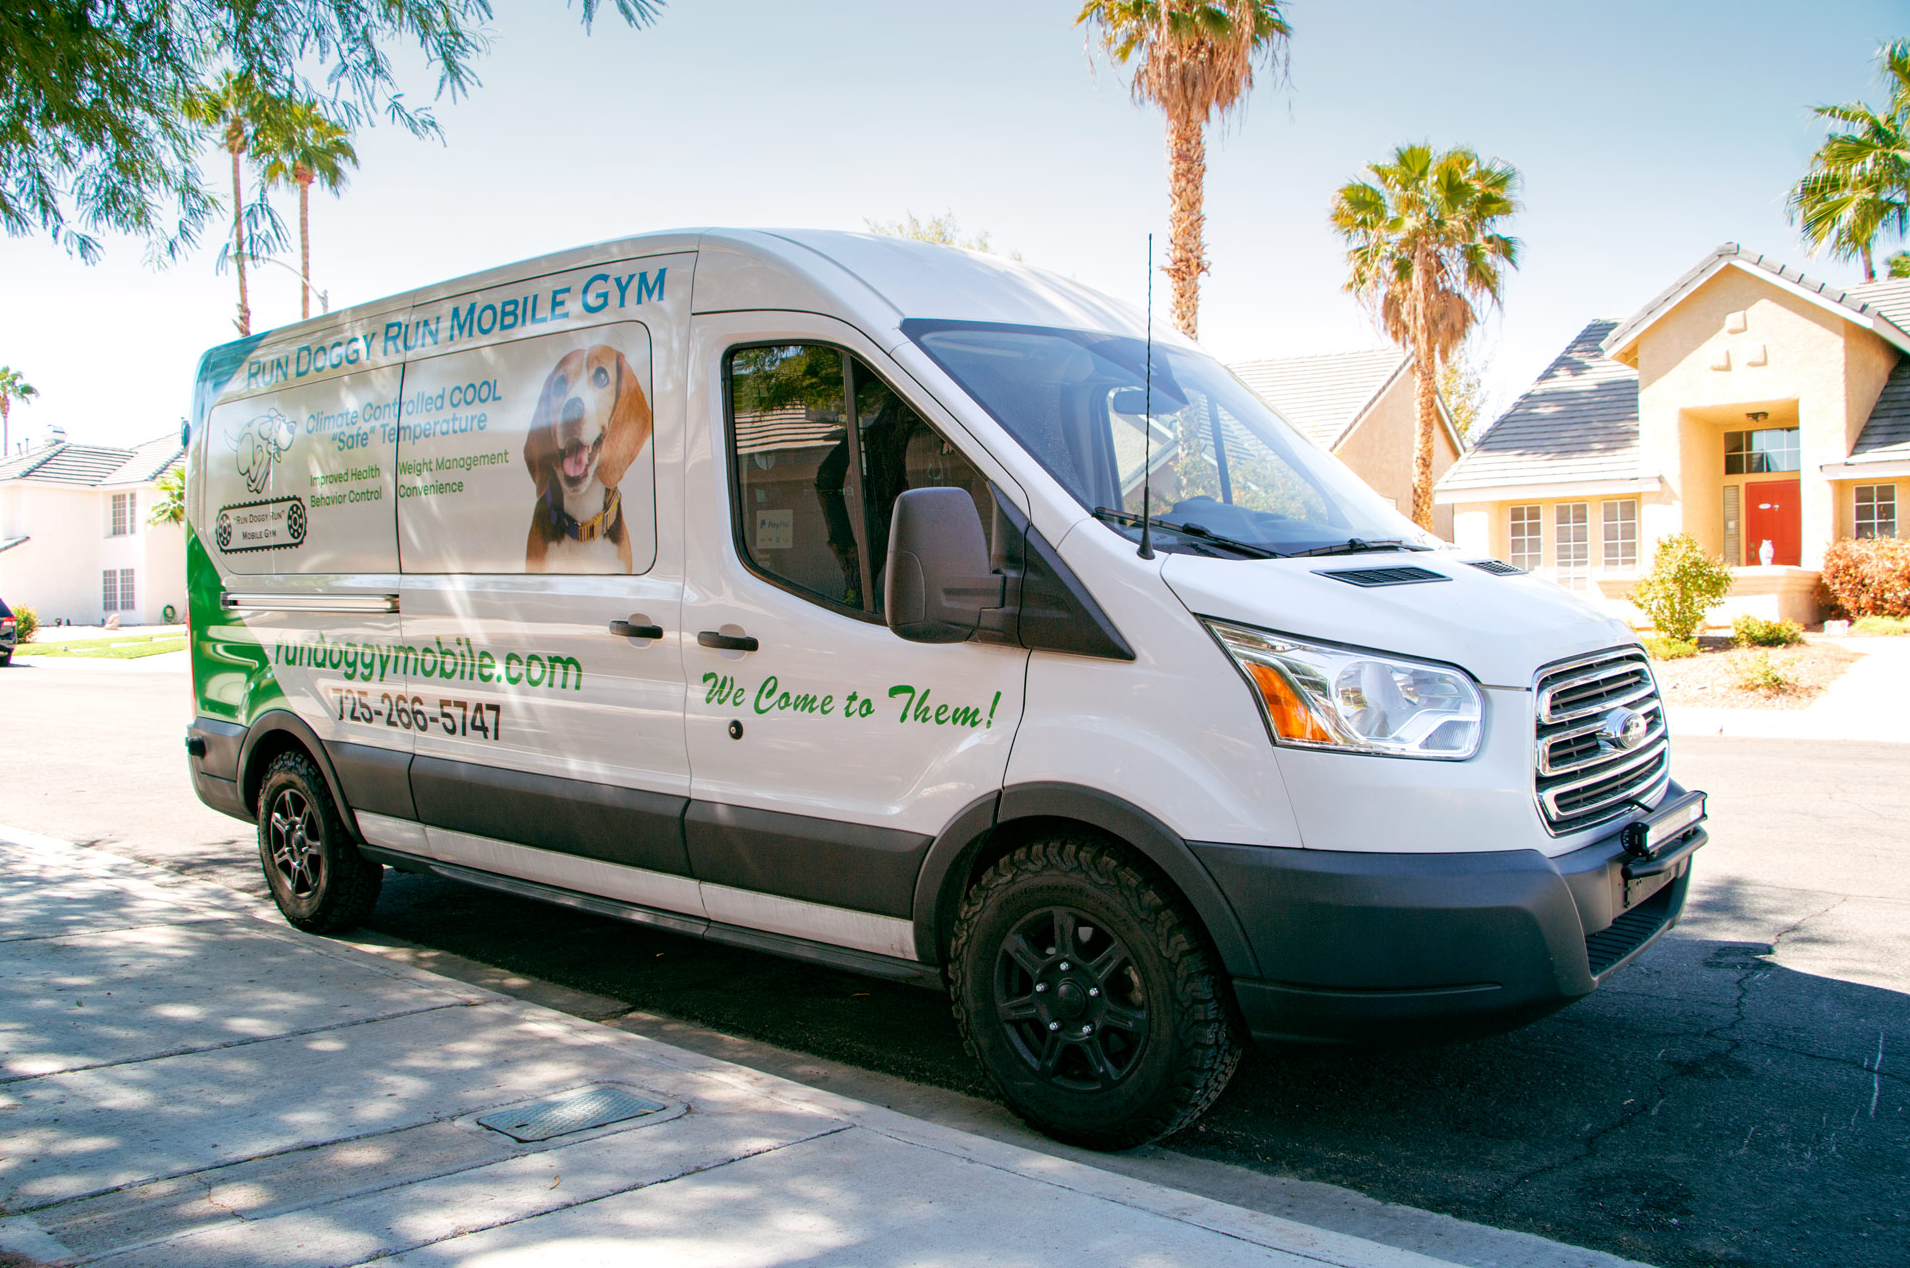 mobile dog gym van